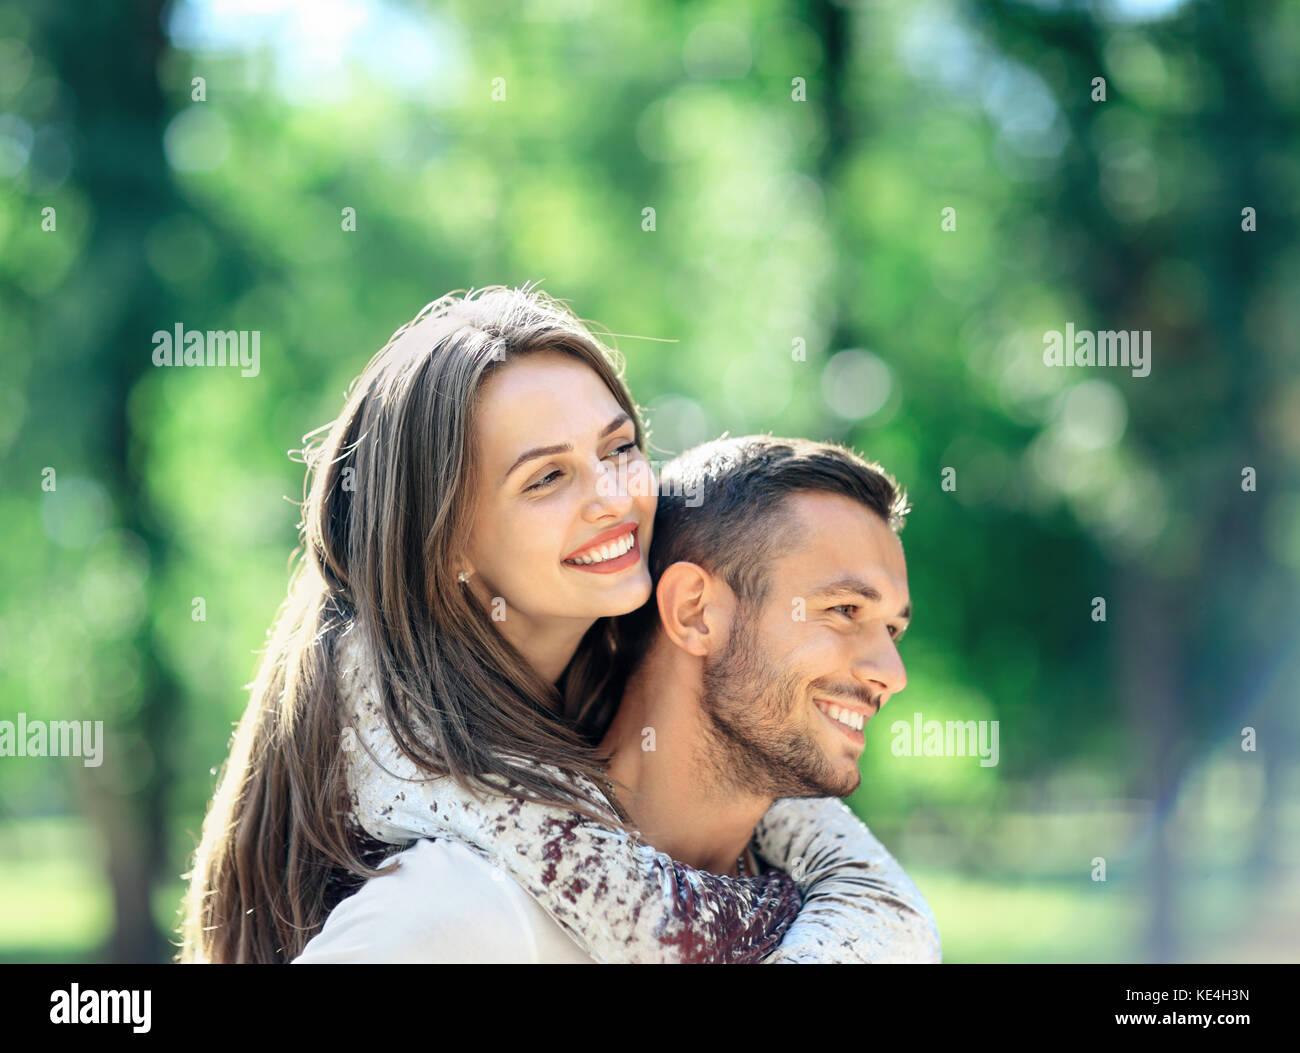 Paar Mann und Frau Spaß Huckepack im Park. Glücklich lächelnde Freund und Freundin genießen Stockbild